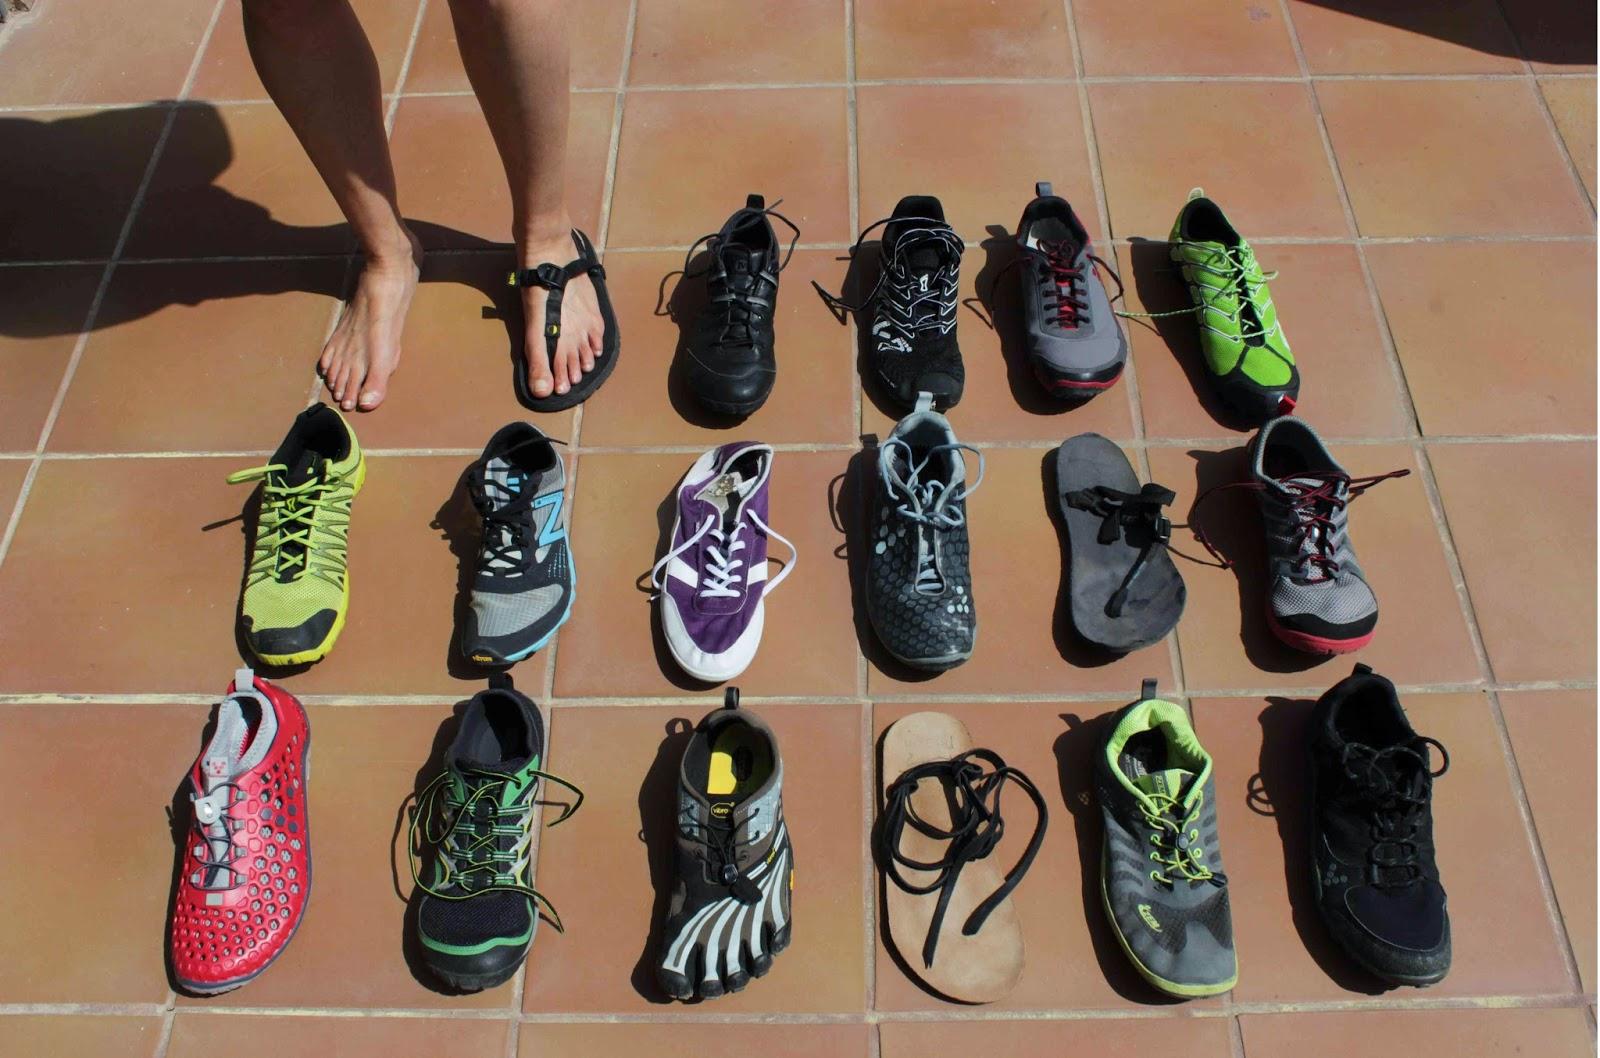 Te Muestro Estas Imágenes De Zapatillas De 15 años  - imagenes de zapatillas de 15 años